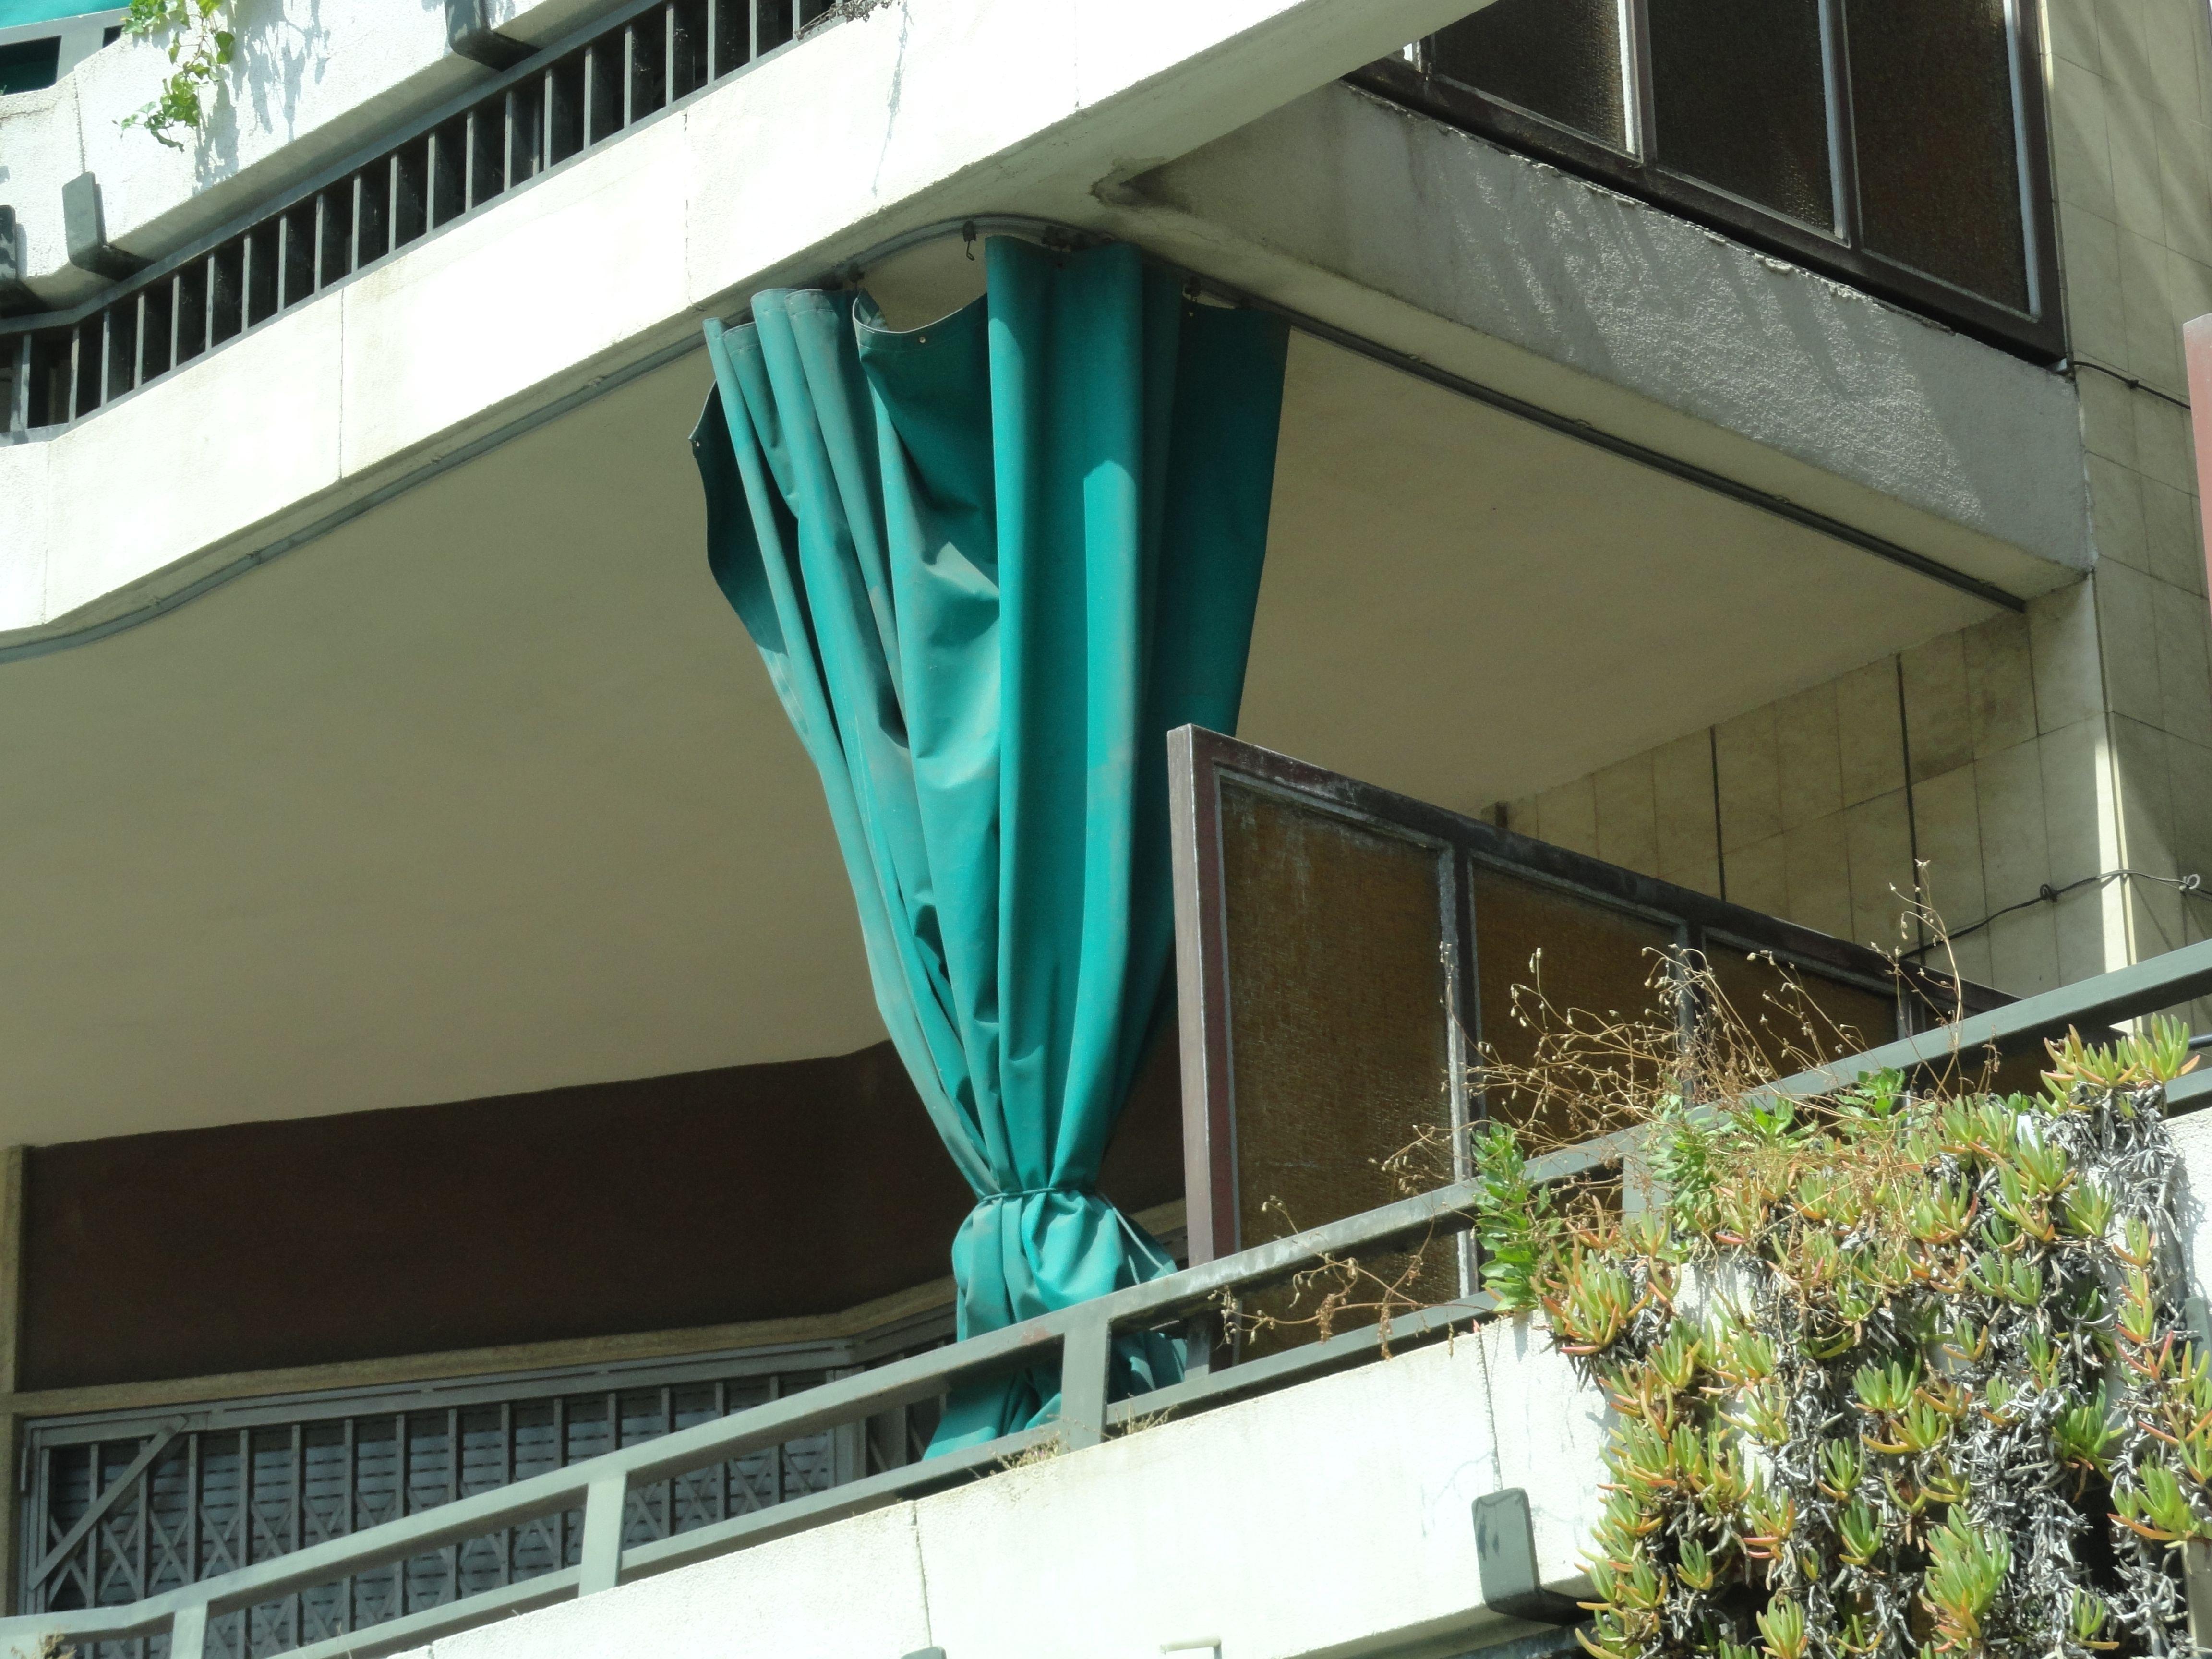 Balkonbeschattung in Gardinenversion gesehen vom Fenster